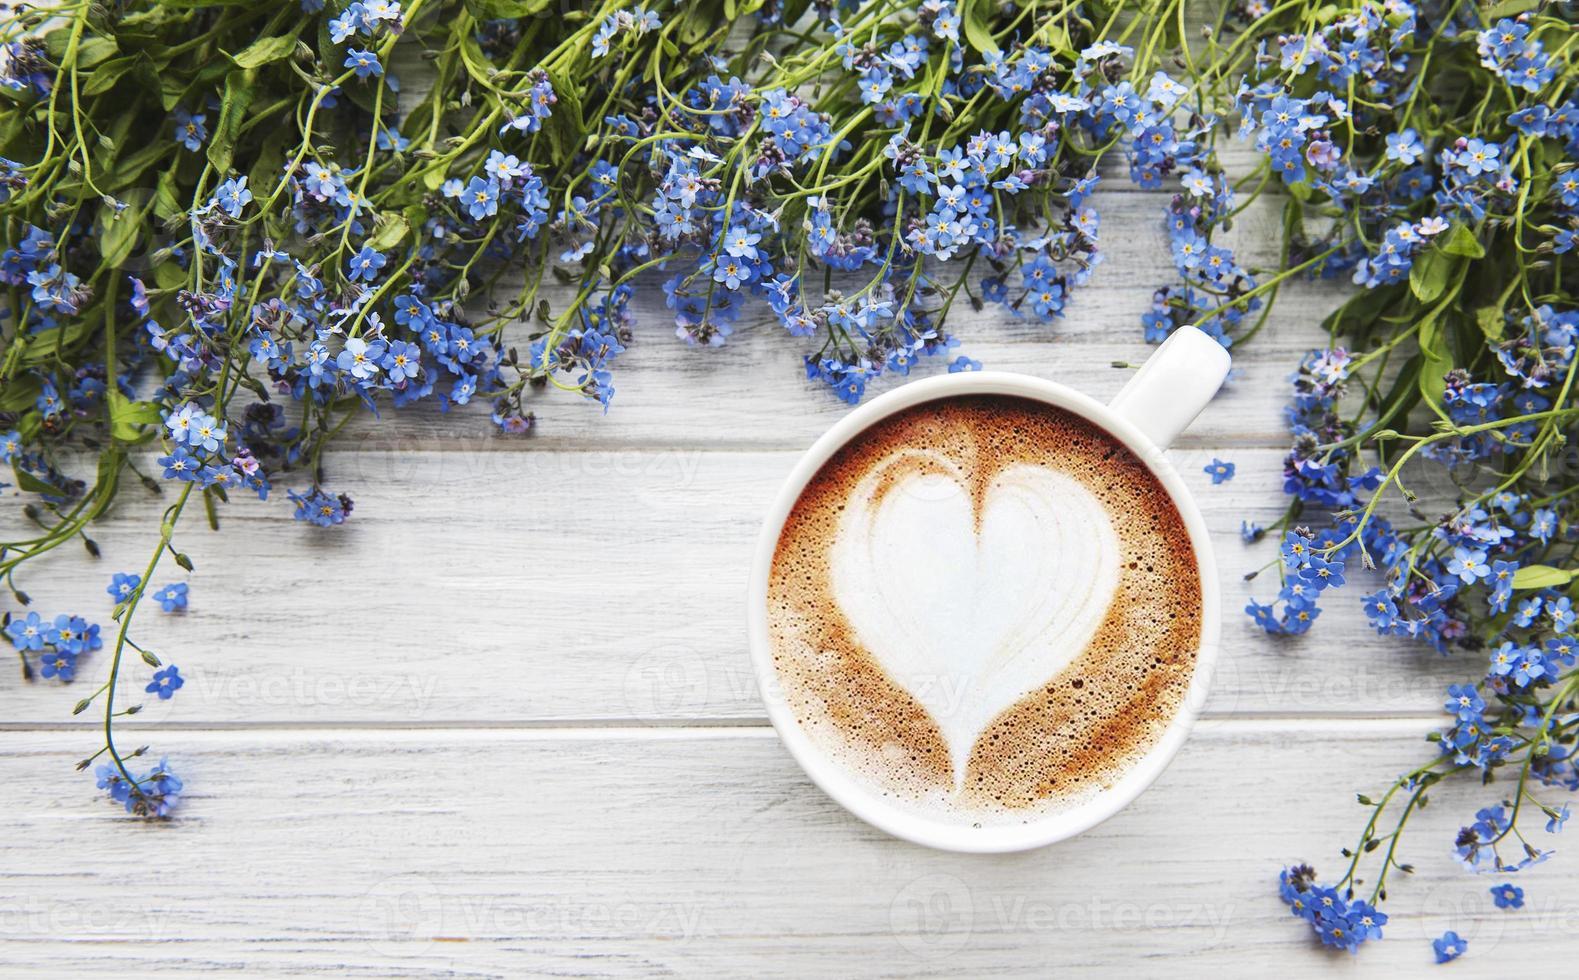 flores não-me-esqueças e xícara de café em um fundo de madeira foto